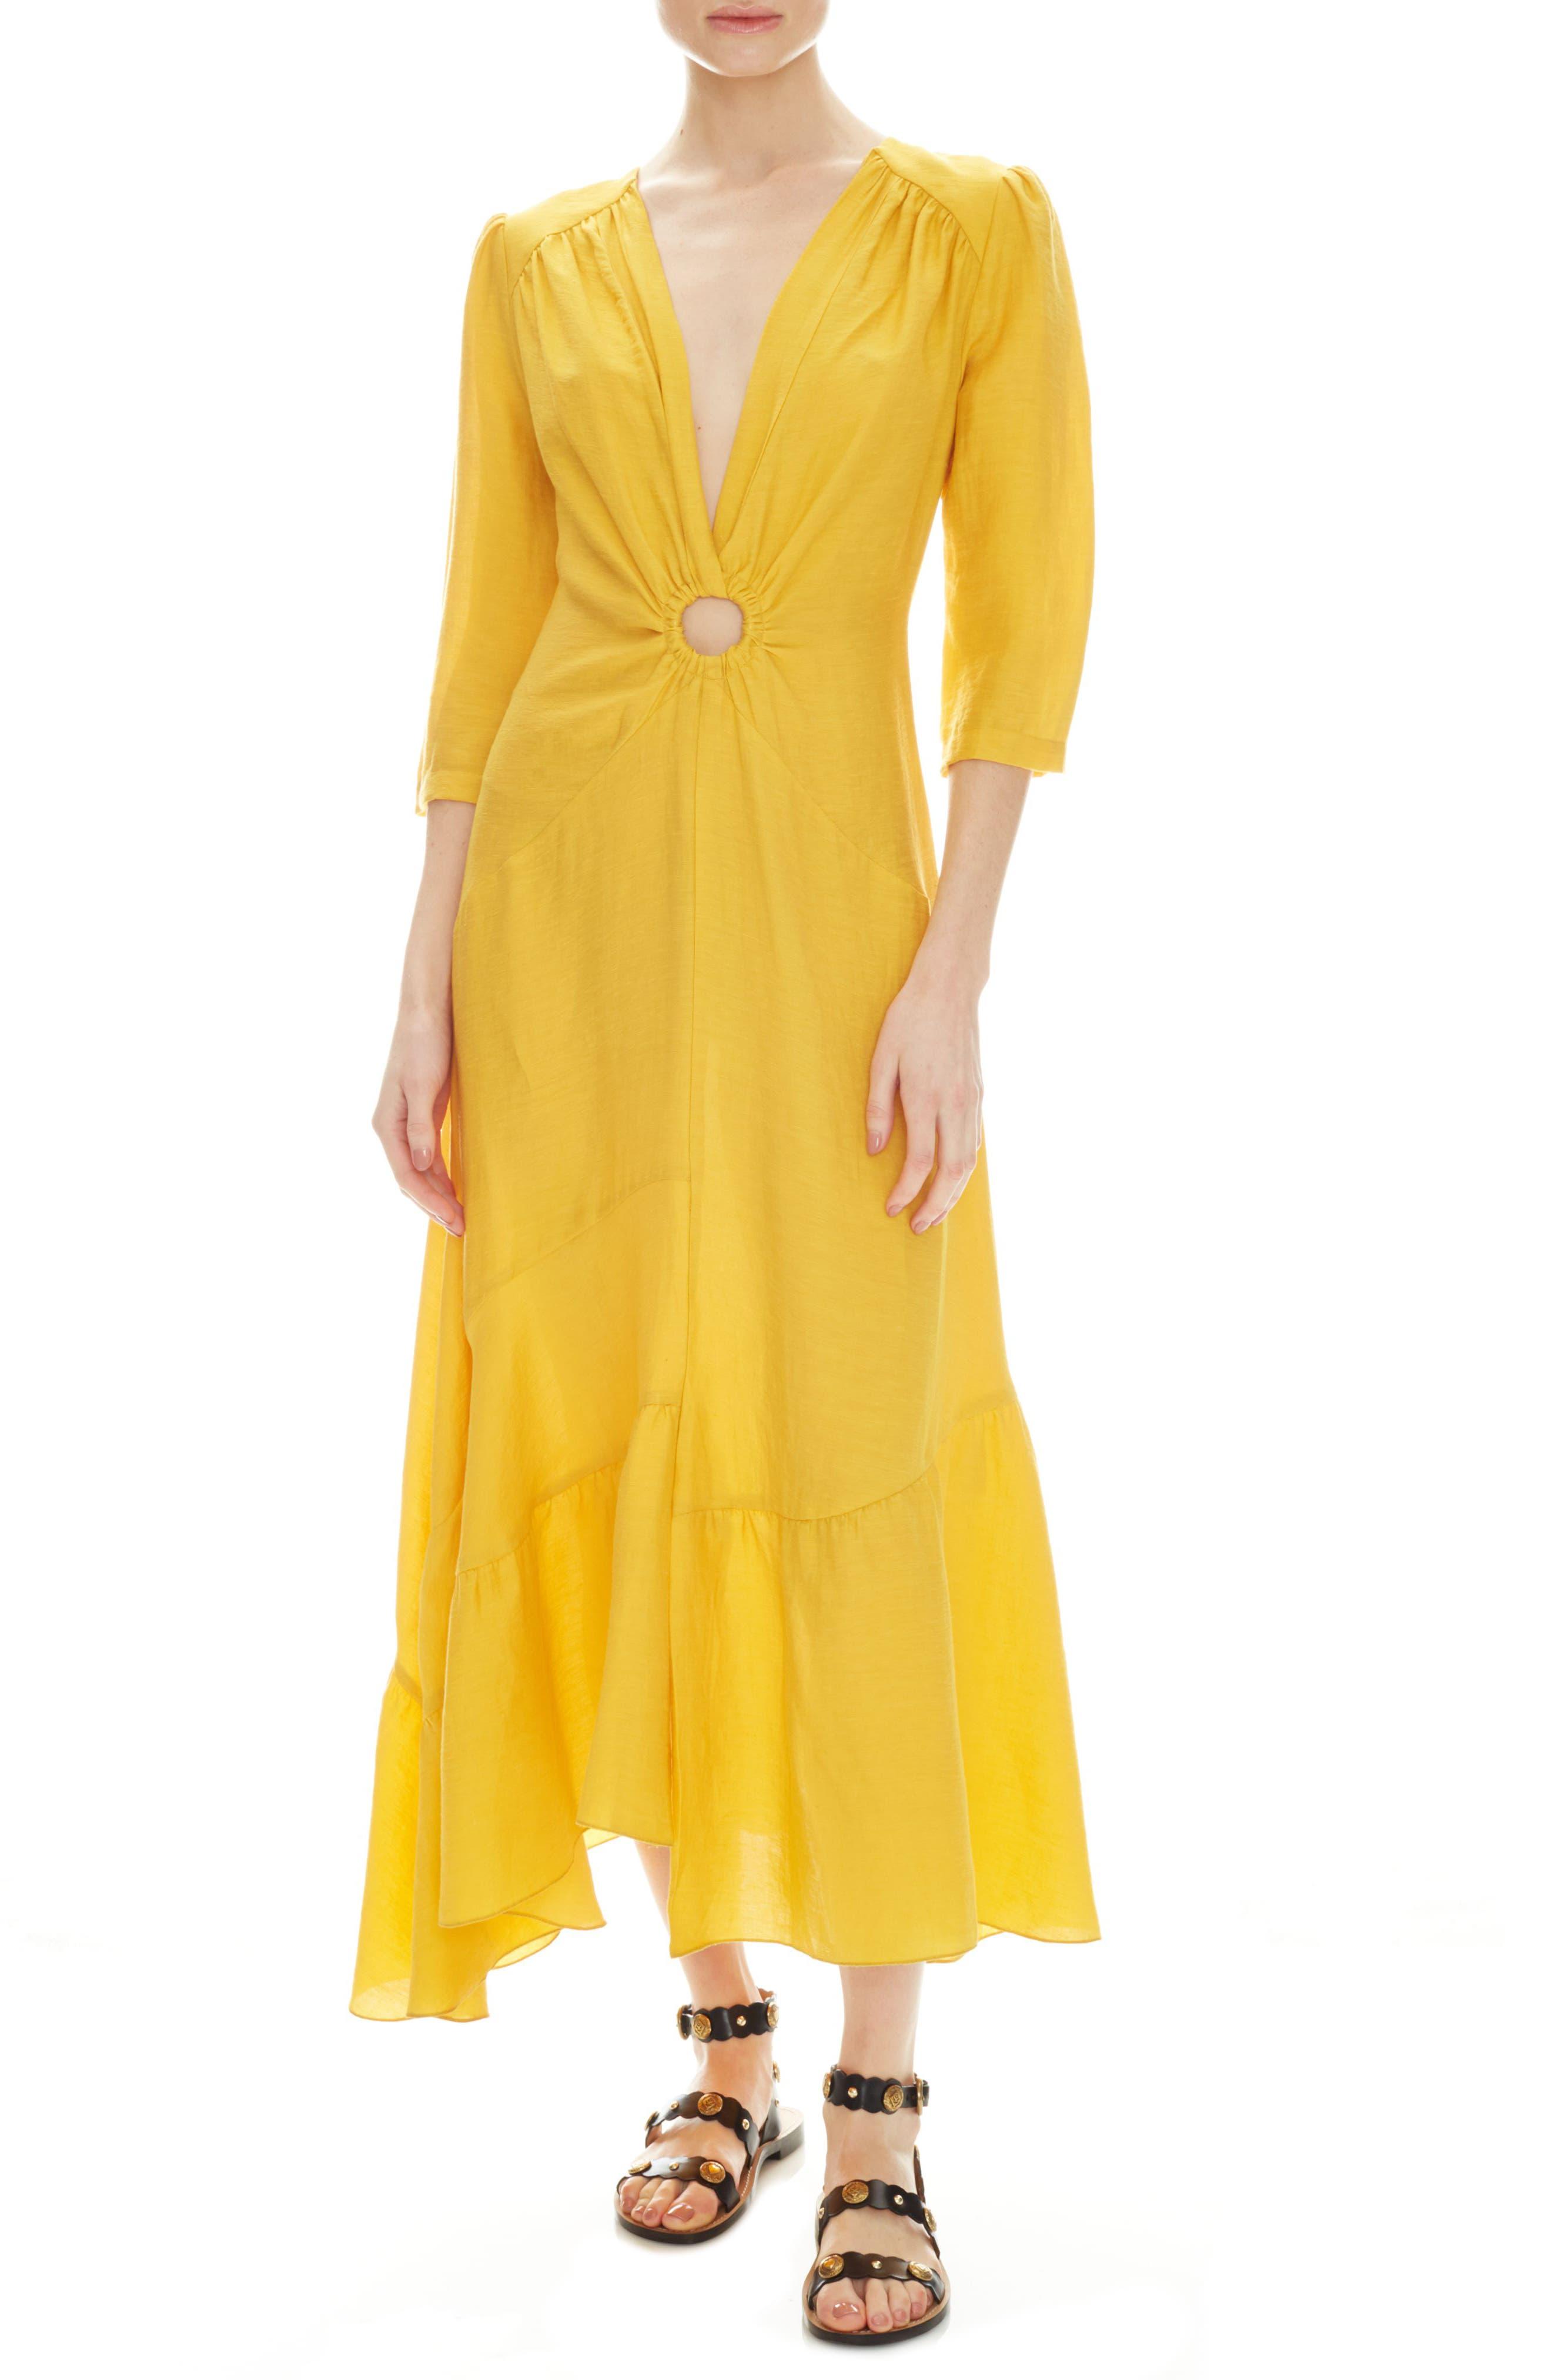 Sandro Tamara Circle Detail Plunge Neck Dress, 6 FR - Yellow